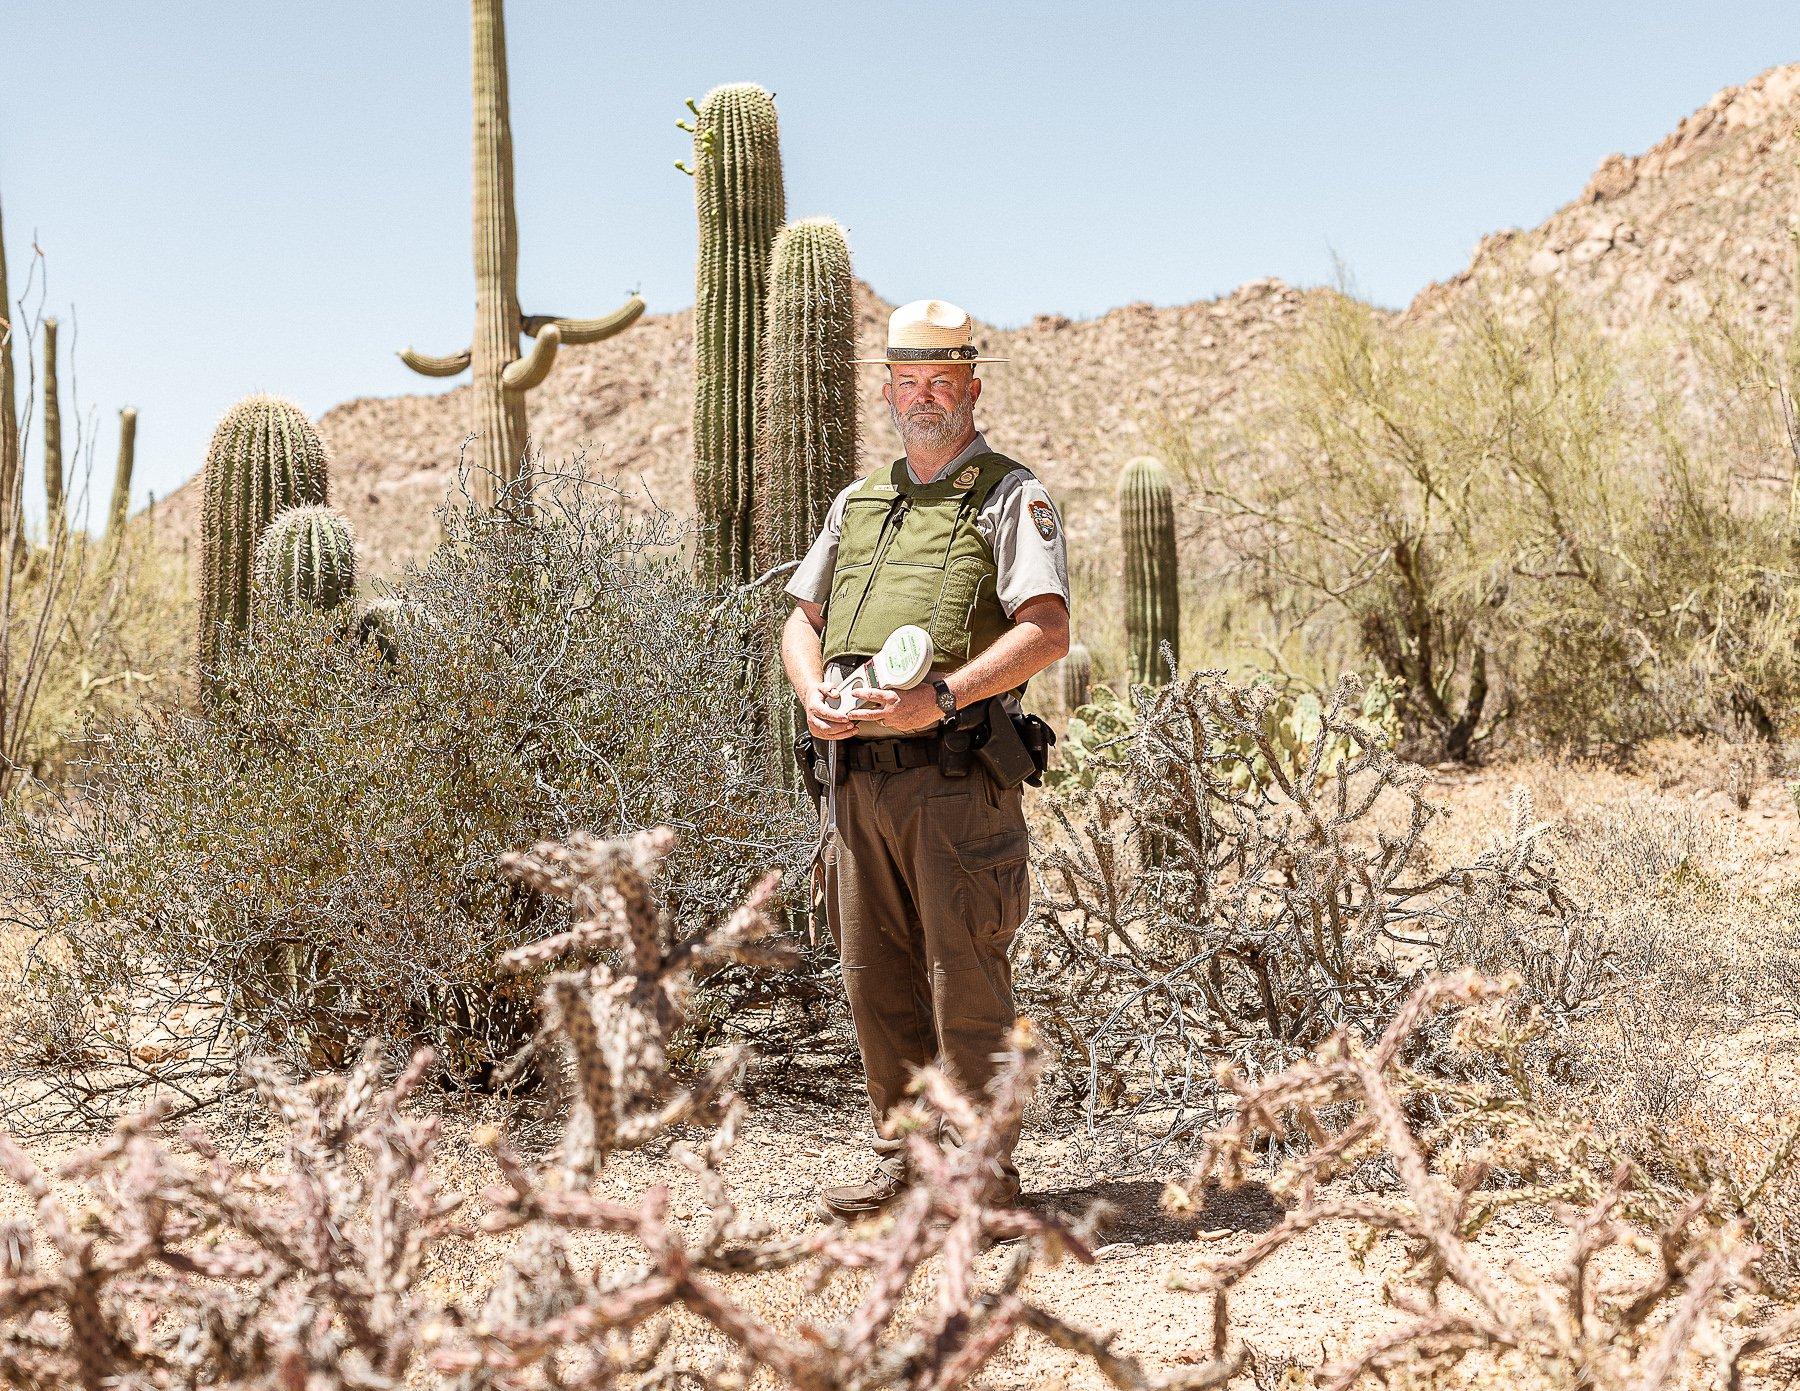 20 juin 2019. Tucson, Arizona. Saguaro National Park. Ray O' Neil, ranger, présente le système de traçage par puce électronique des cactus. // © Olivier Touron / Divergence